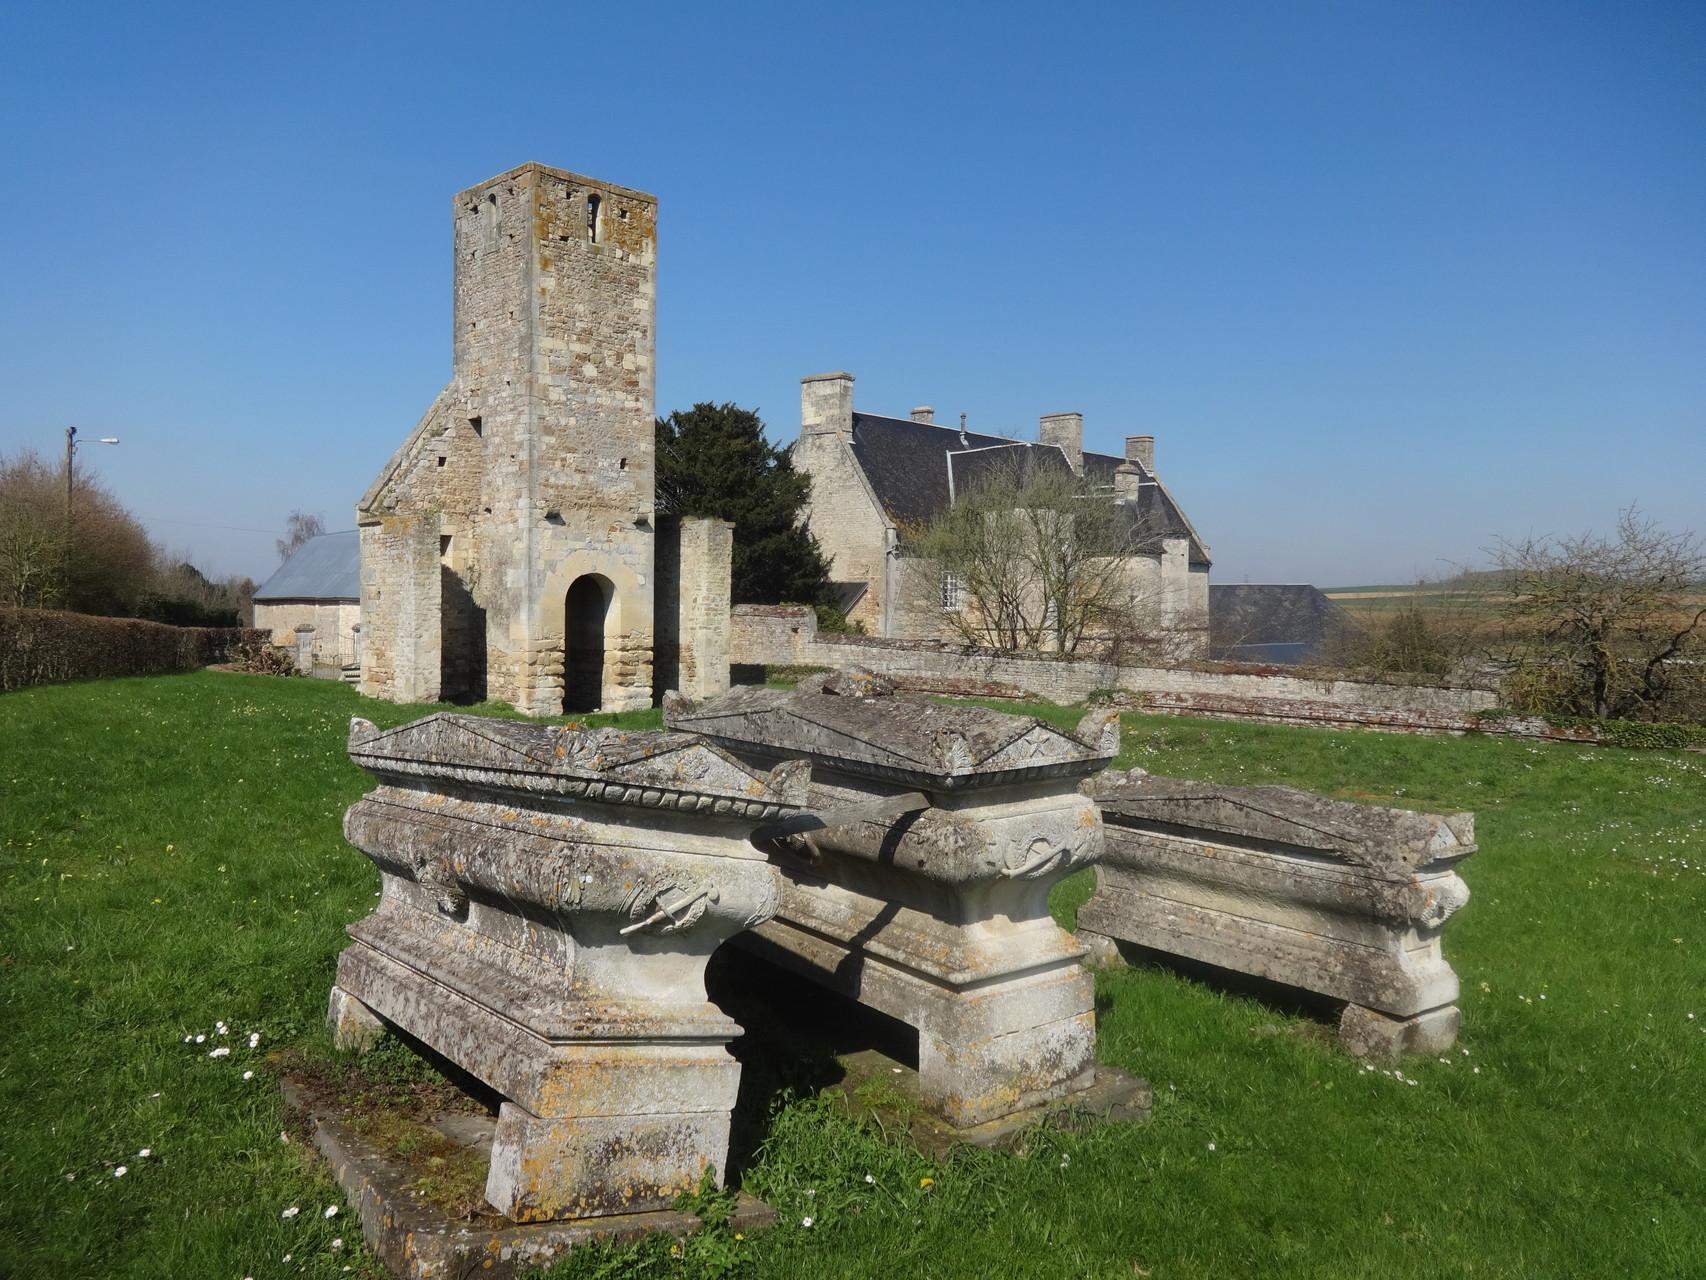 de retour à Avenay : Eglise de Fierville et Manoir de Fierville en arrière plan